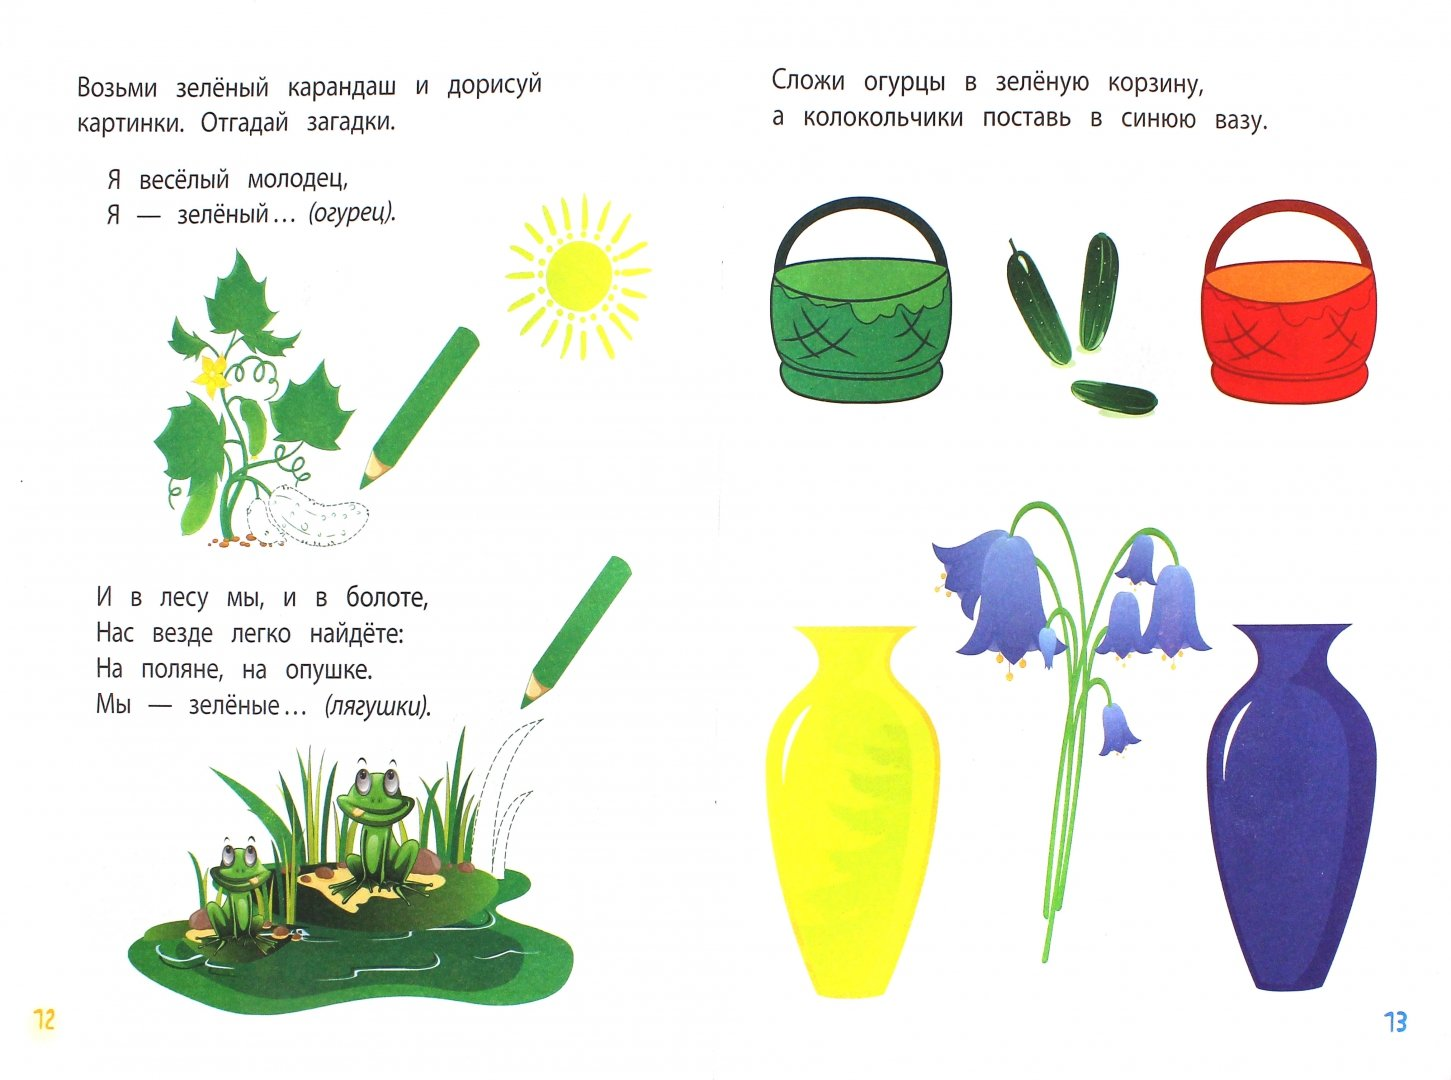 картинки и стихи для изучения цветов жилищем